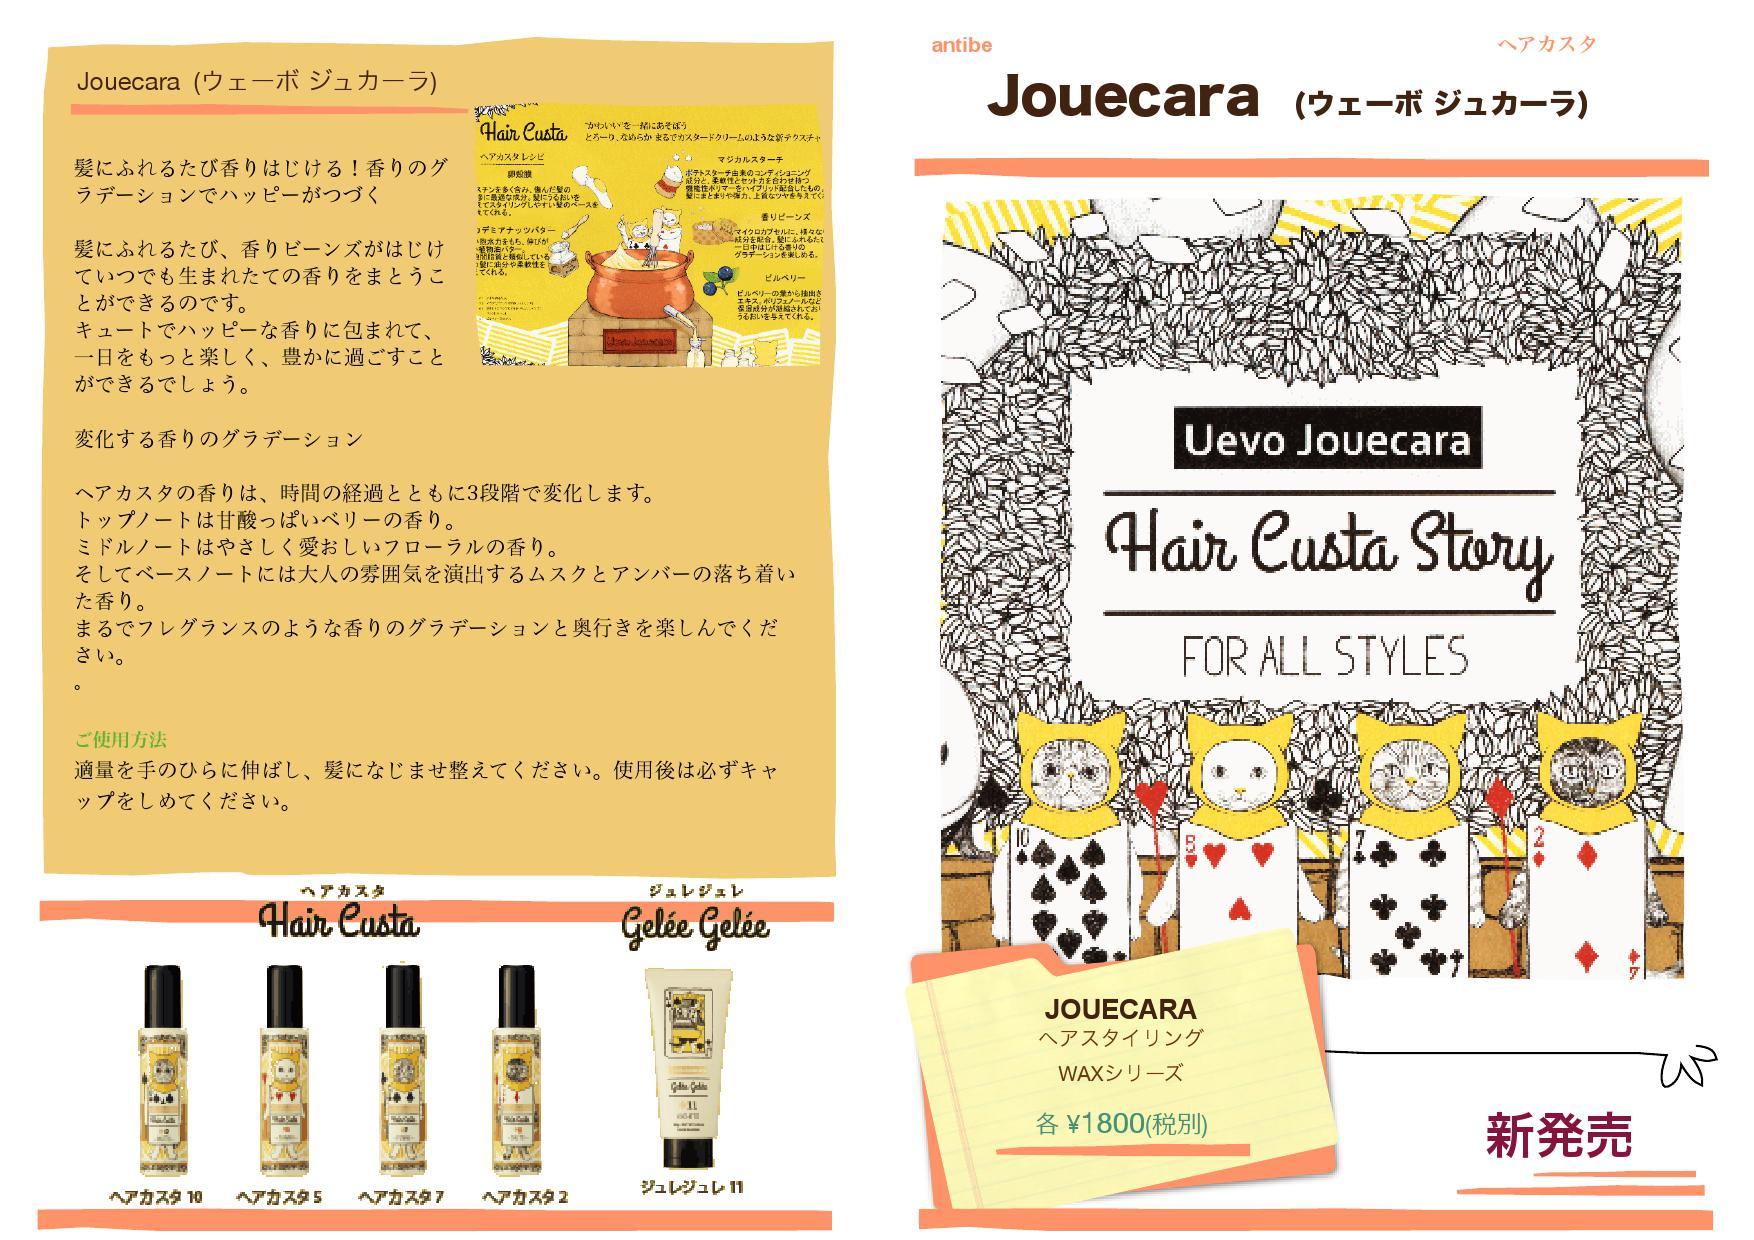 ジュカーラ2_000002